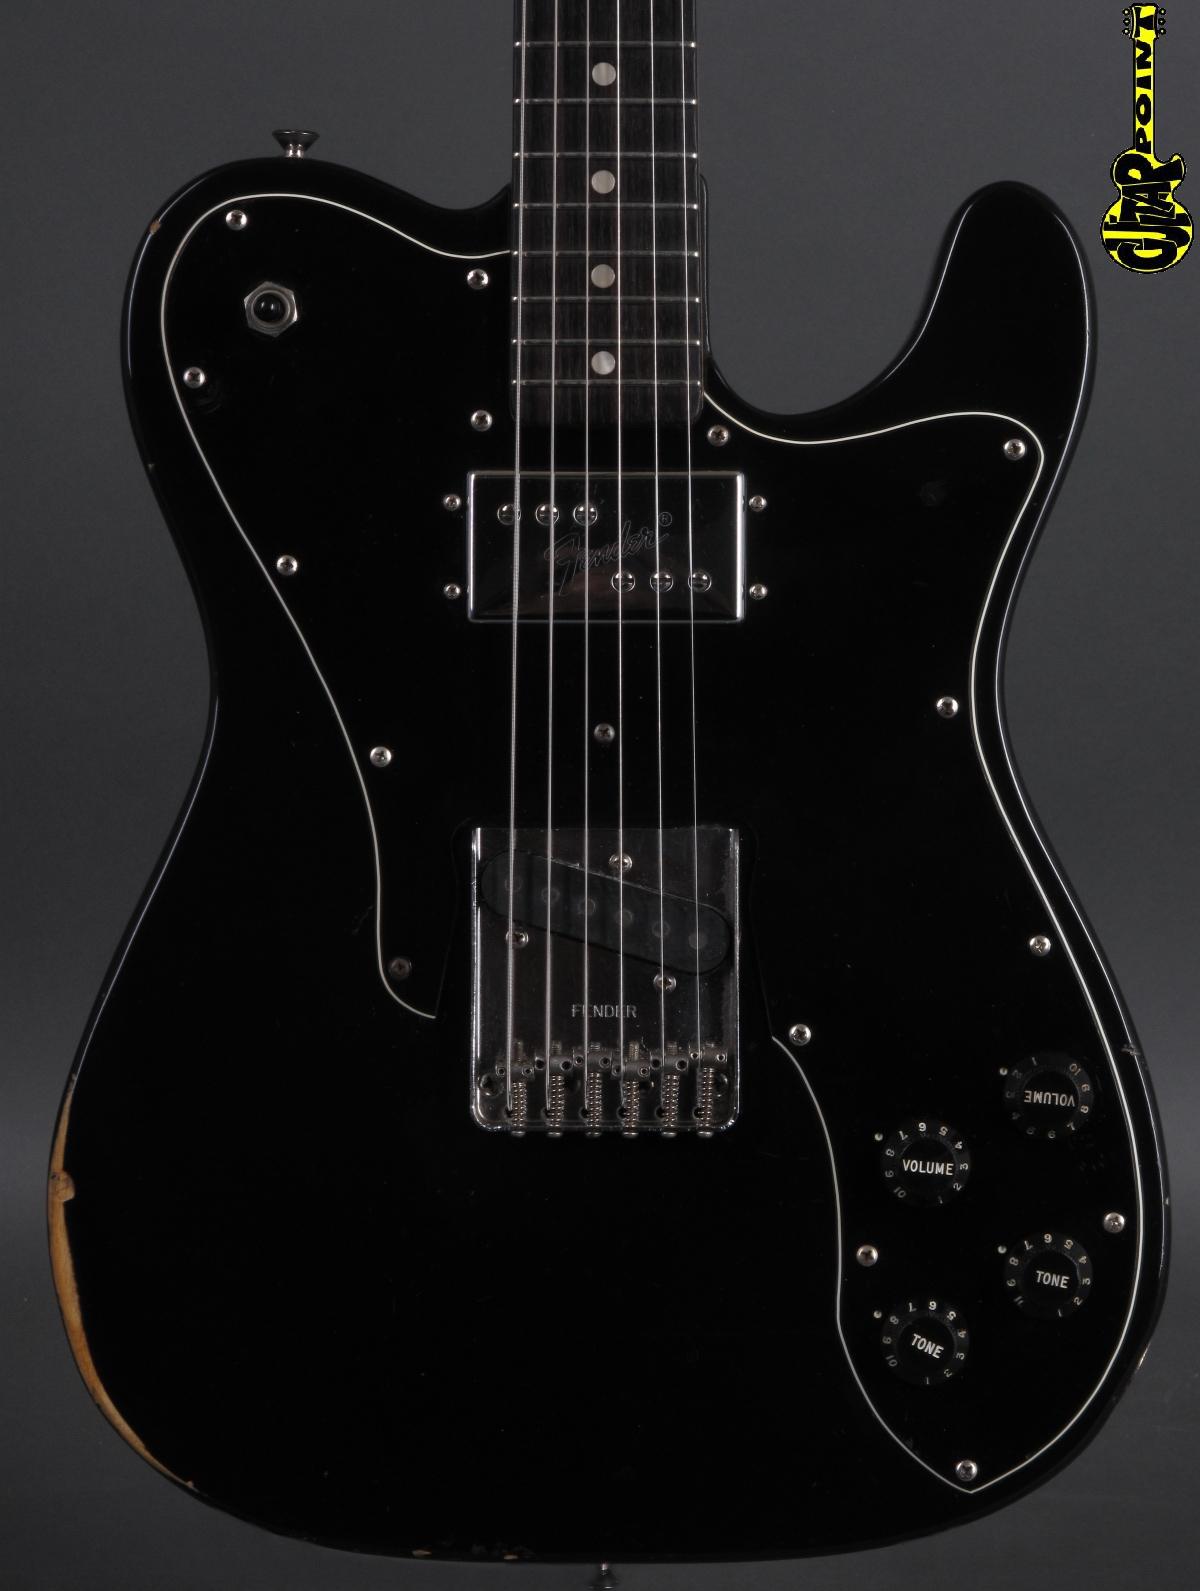 1978 Fender Telecaster Custom - Black